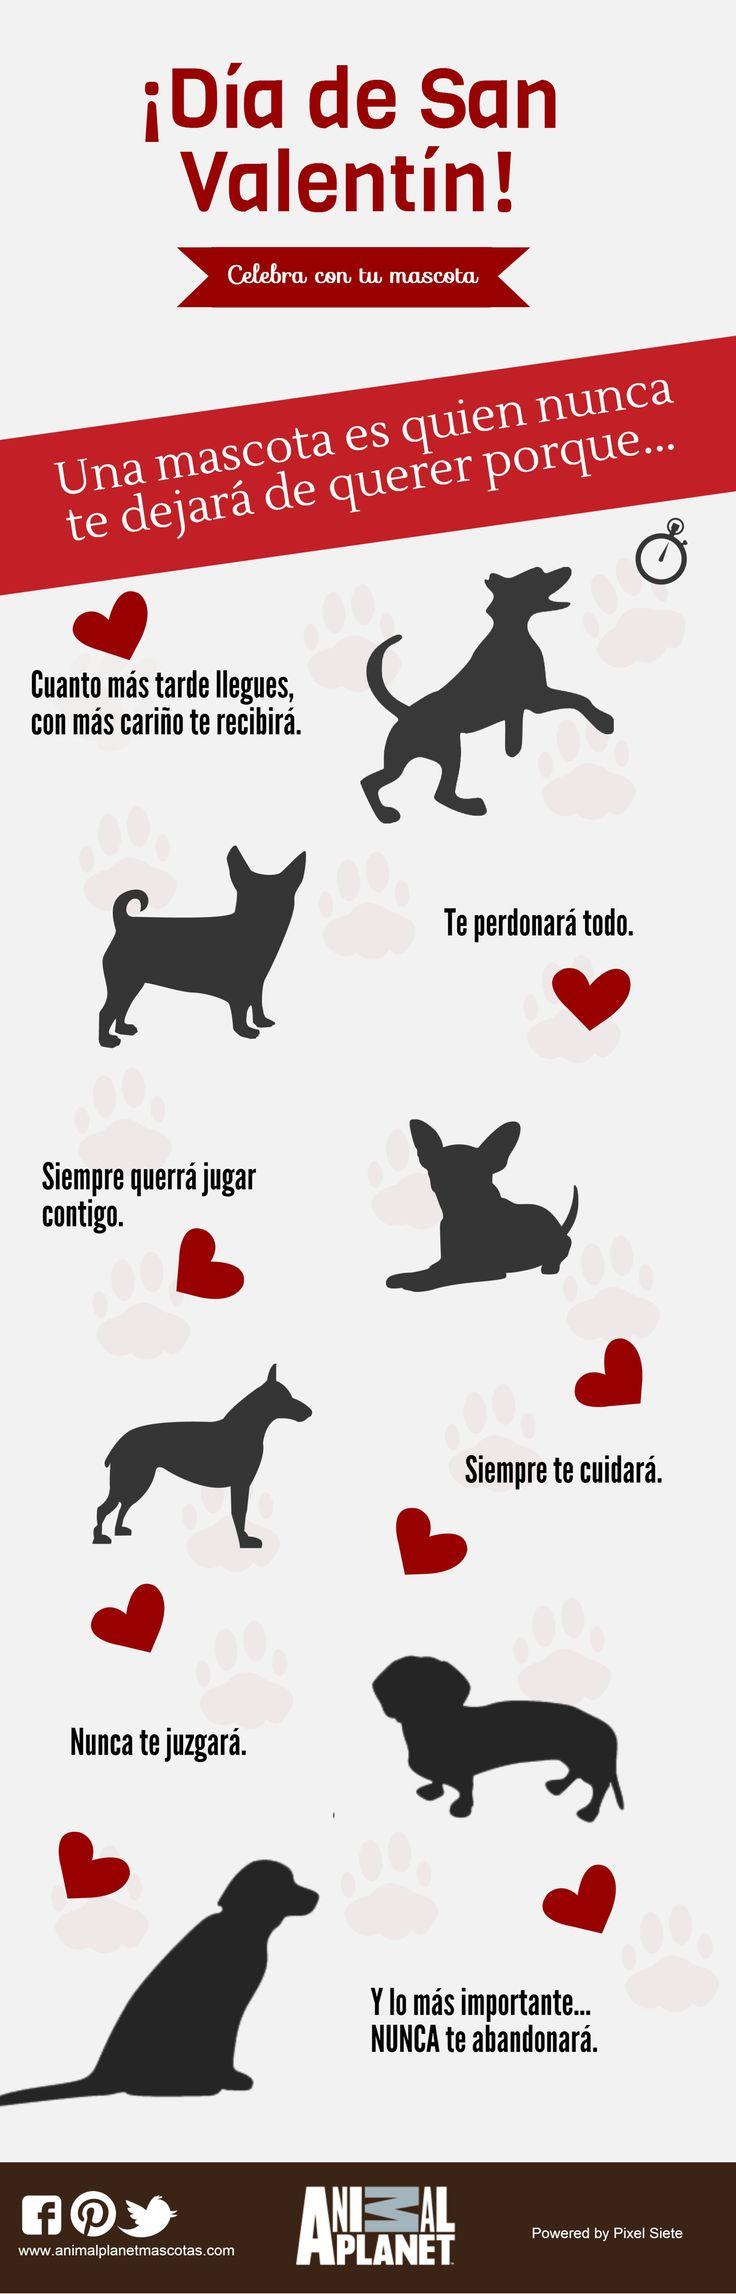 Hasta que no hayas amado a un animal, una parte de tu alma permanecerá dormida. Feliz día de San Valentín  #AnimalPlanet #AnimalPlanetMascotas